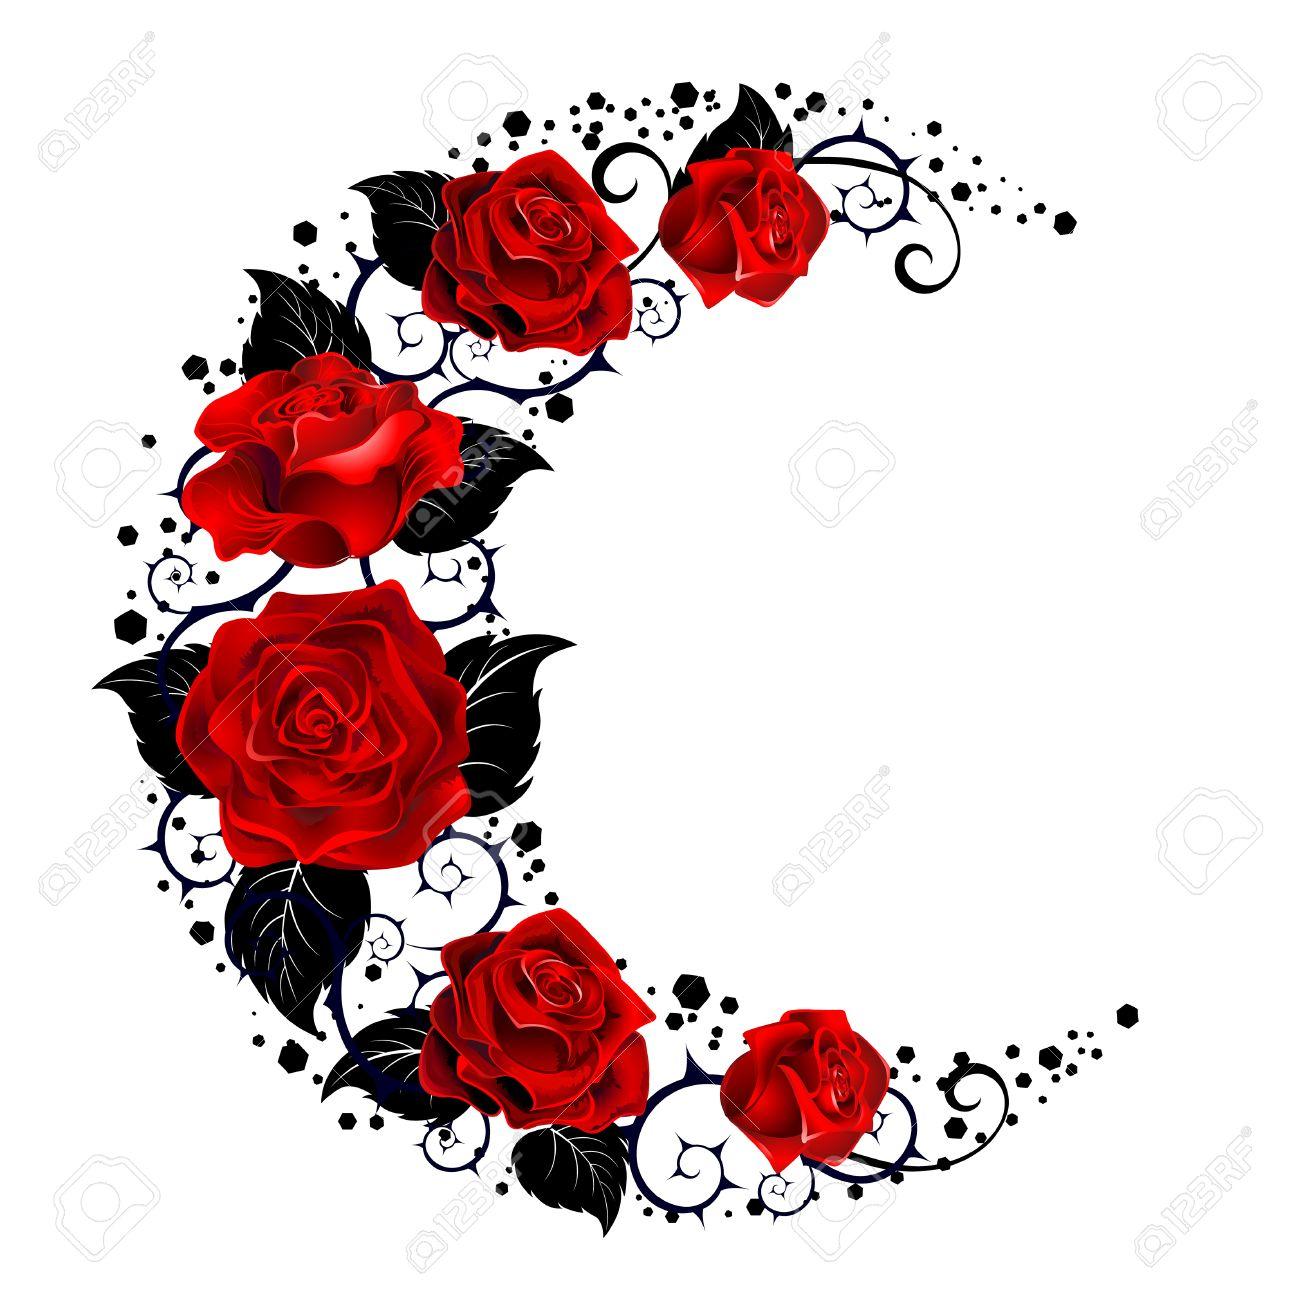 Mística Luna Negro Pintado Tallos Y Rosas Rojas Sobre Un Fondo